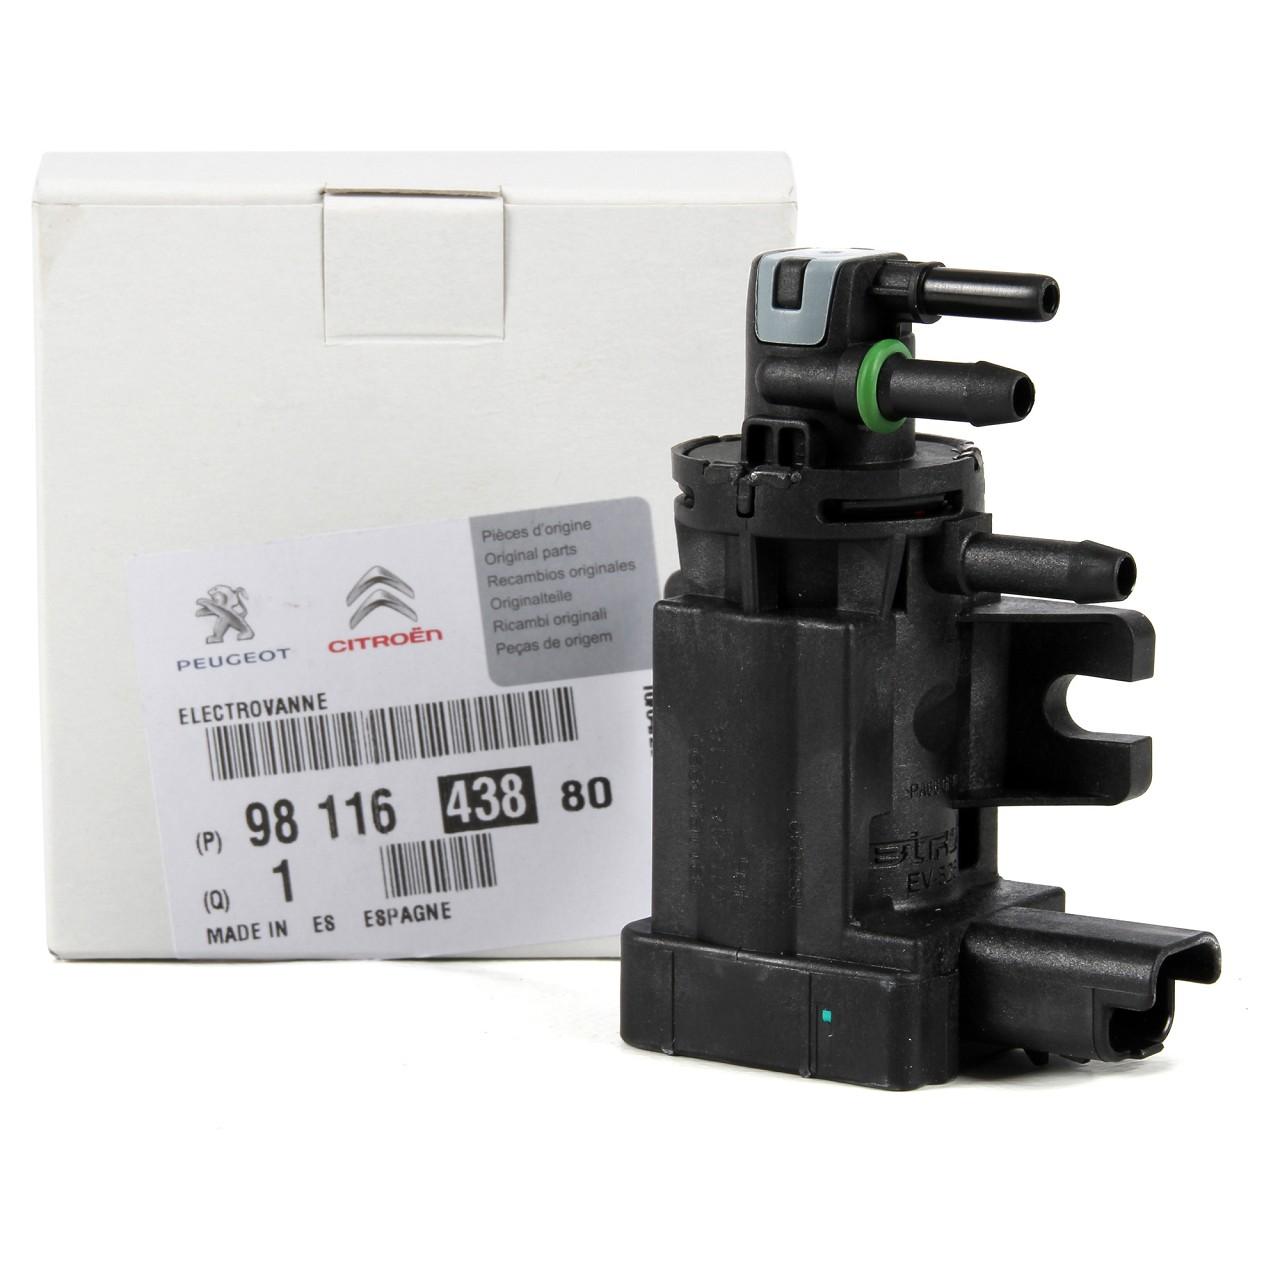 ORIGINAL Citroen Peugeot Druckwandler Magnetventil 1.6 HDi 9811643880